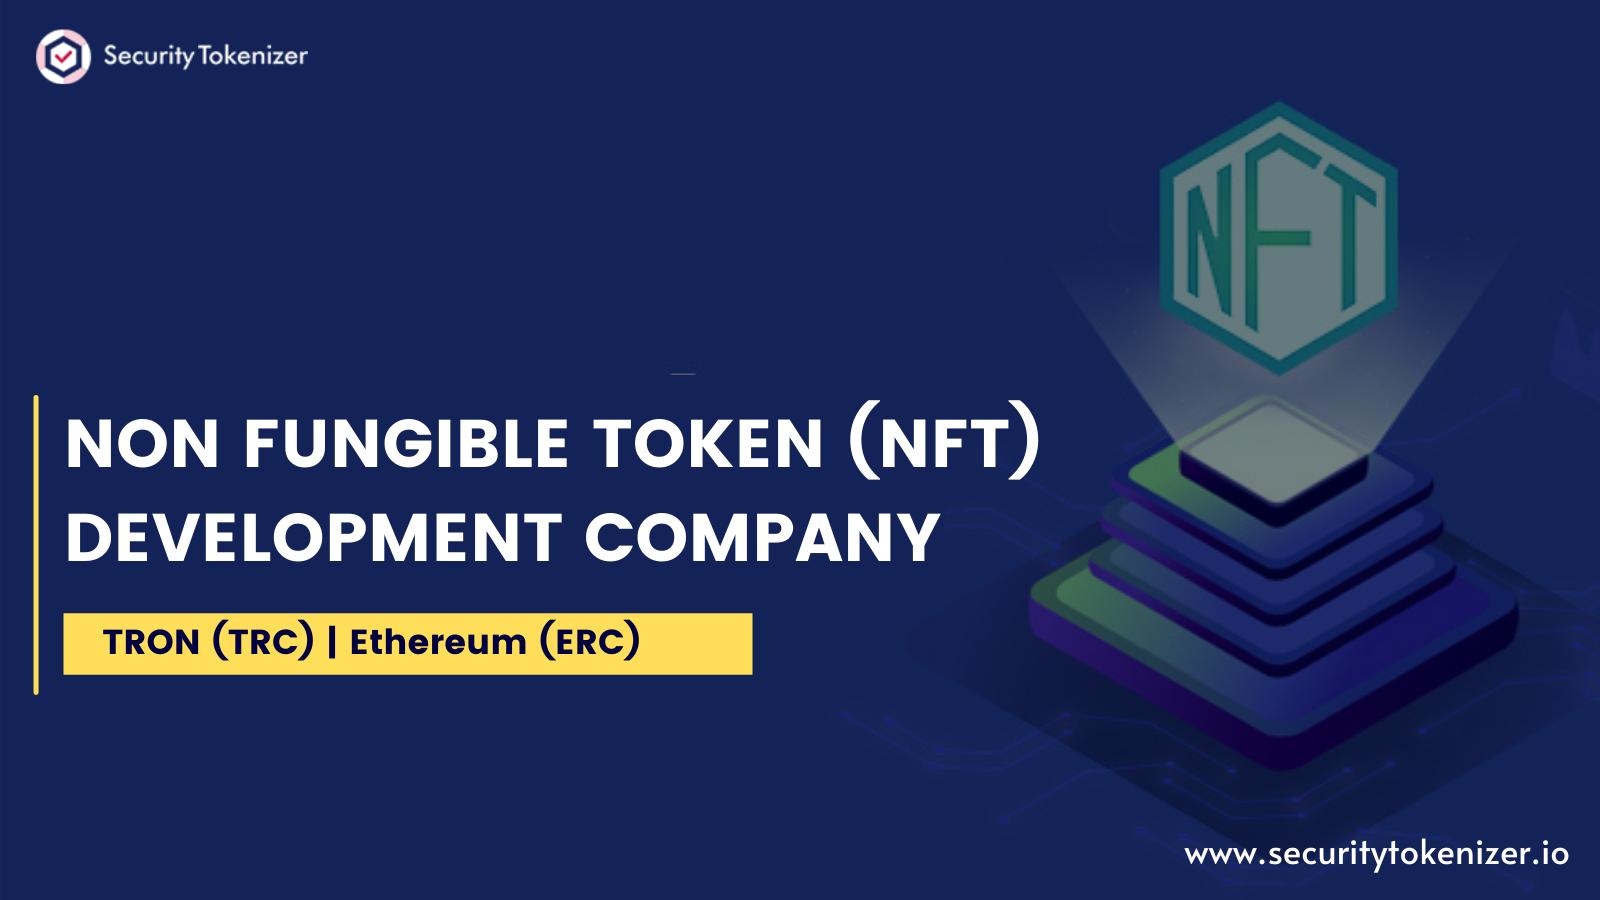 Non-Fungible Token (NFT) Token Development Company